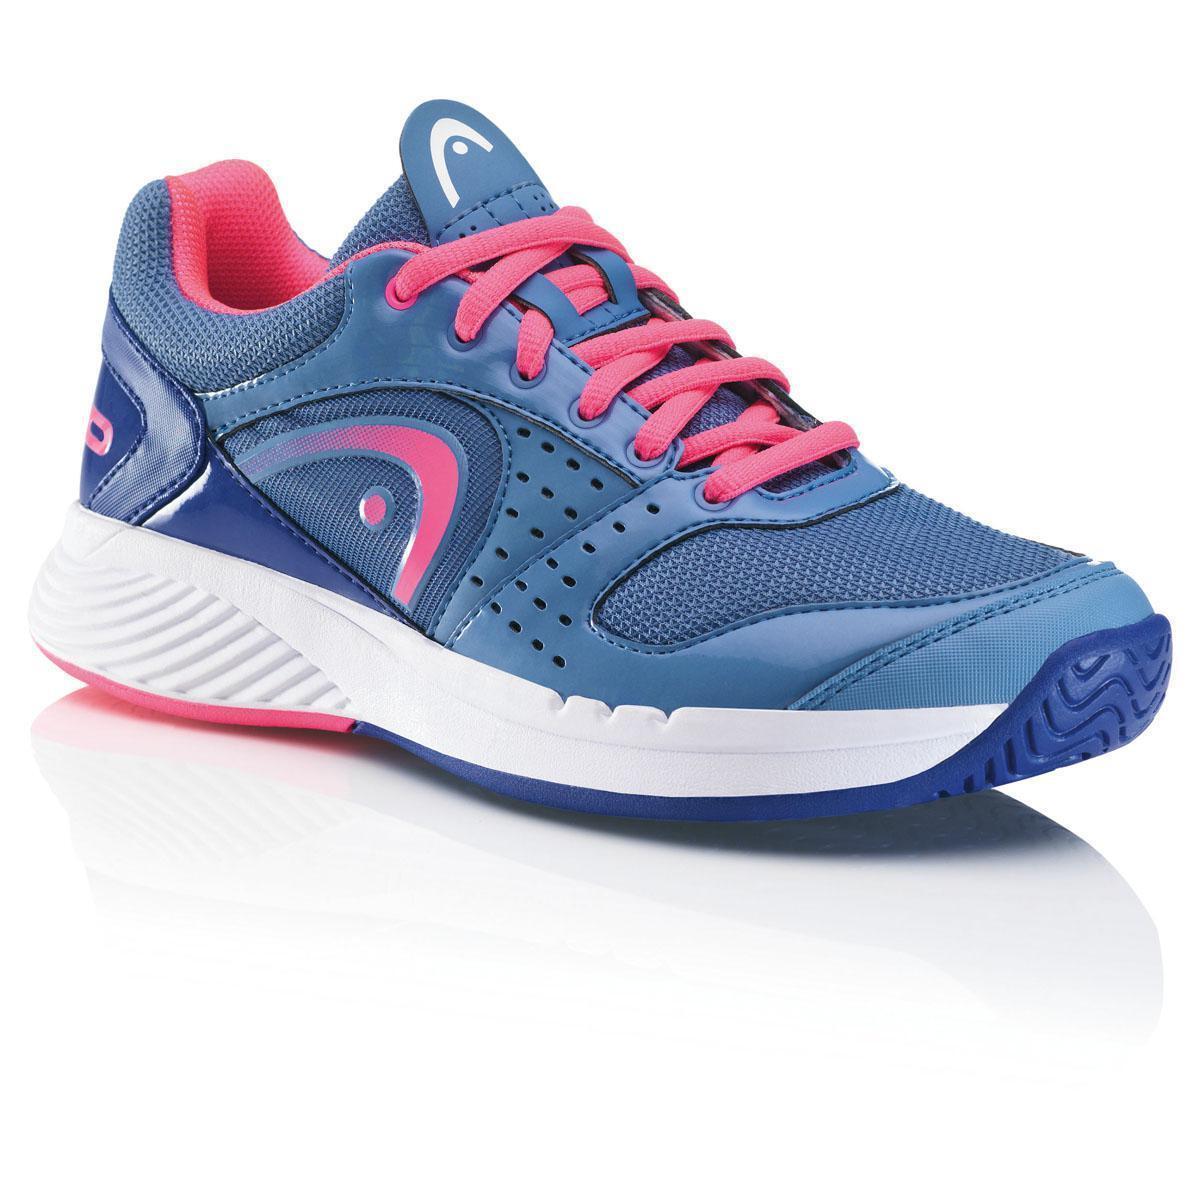 Cabeza Sprint Equipo Para Mujer Tenis Zapatos Zapatillas-Auth DISTRIBUIDOR   Envío rápido y el mejor servicio